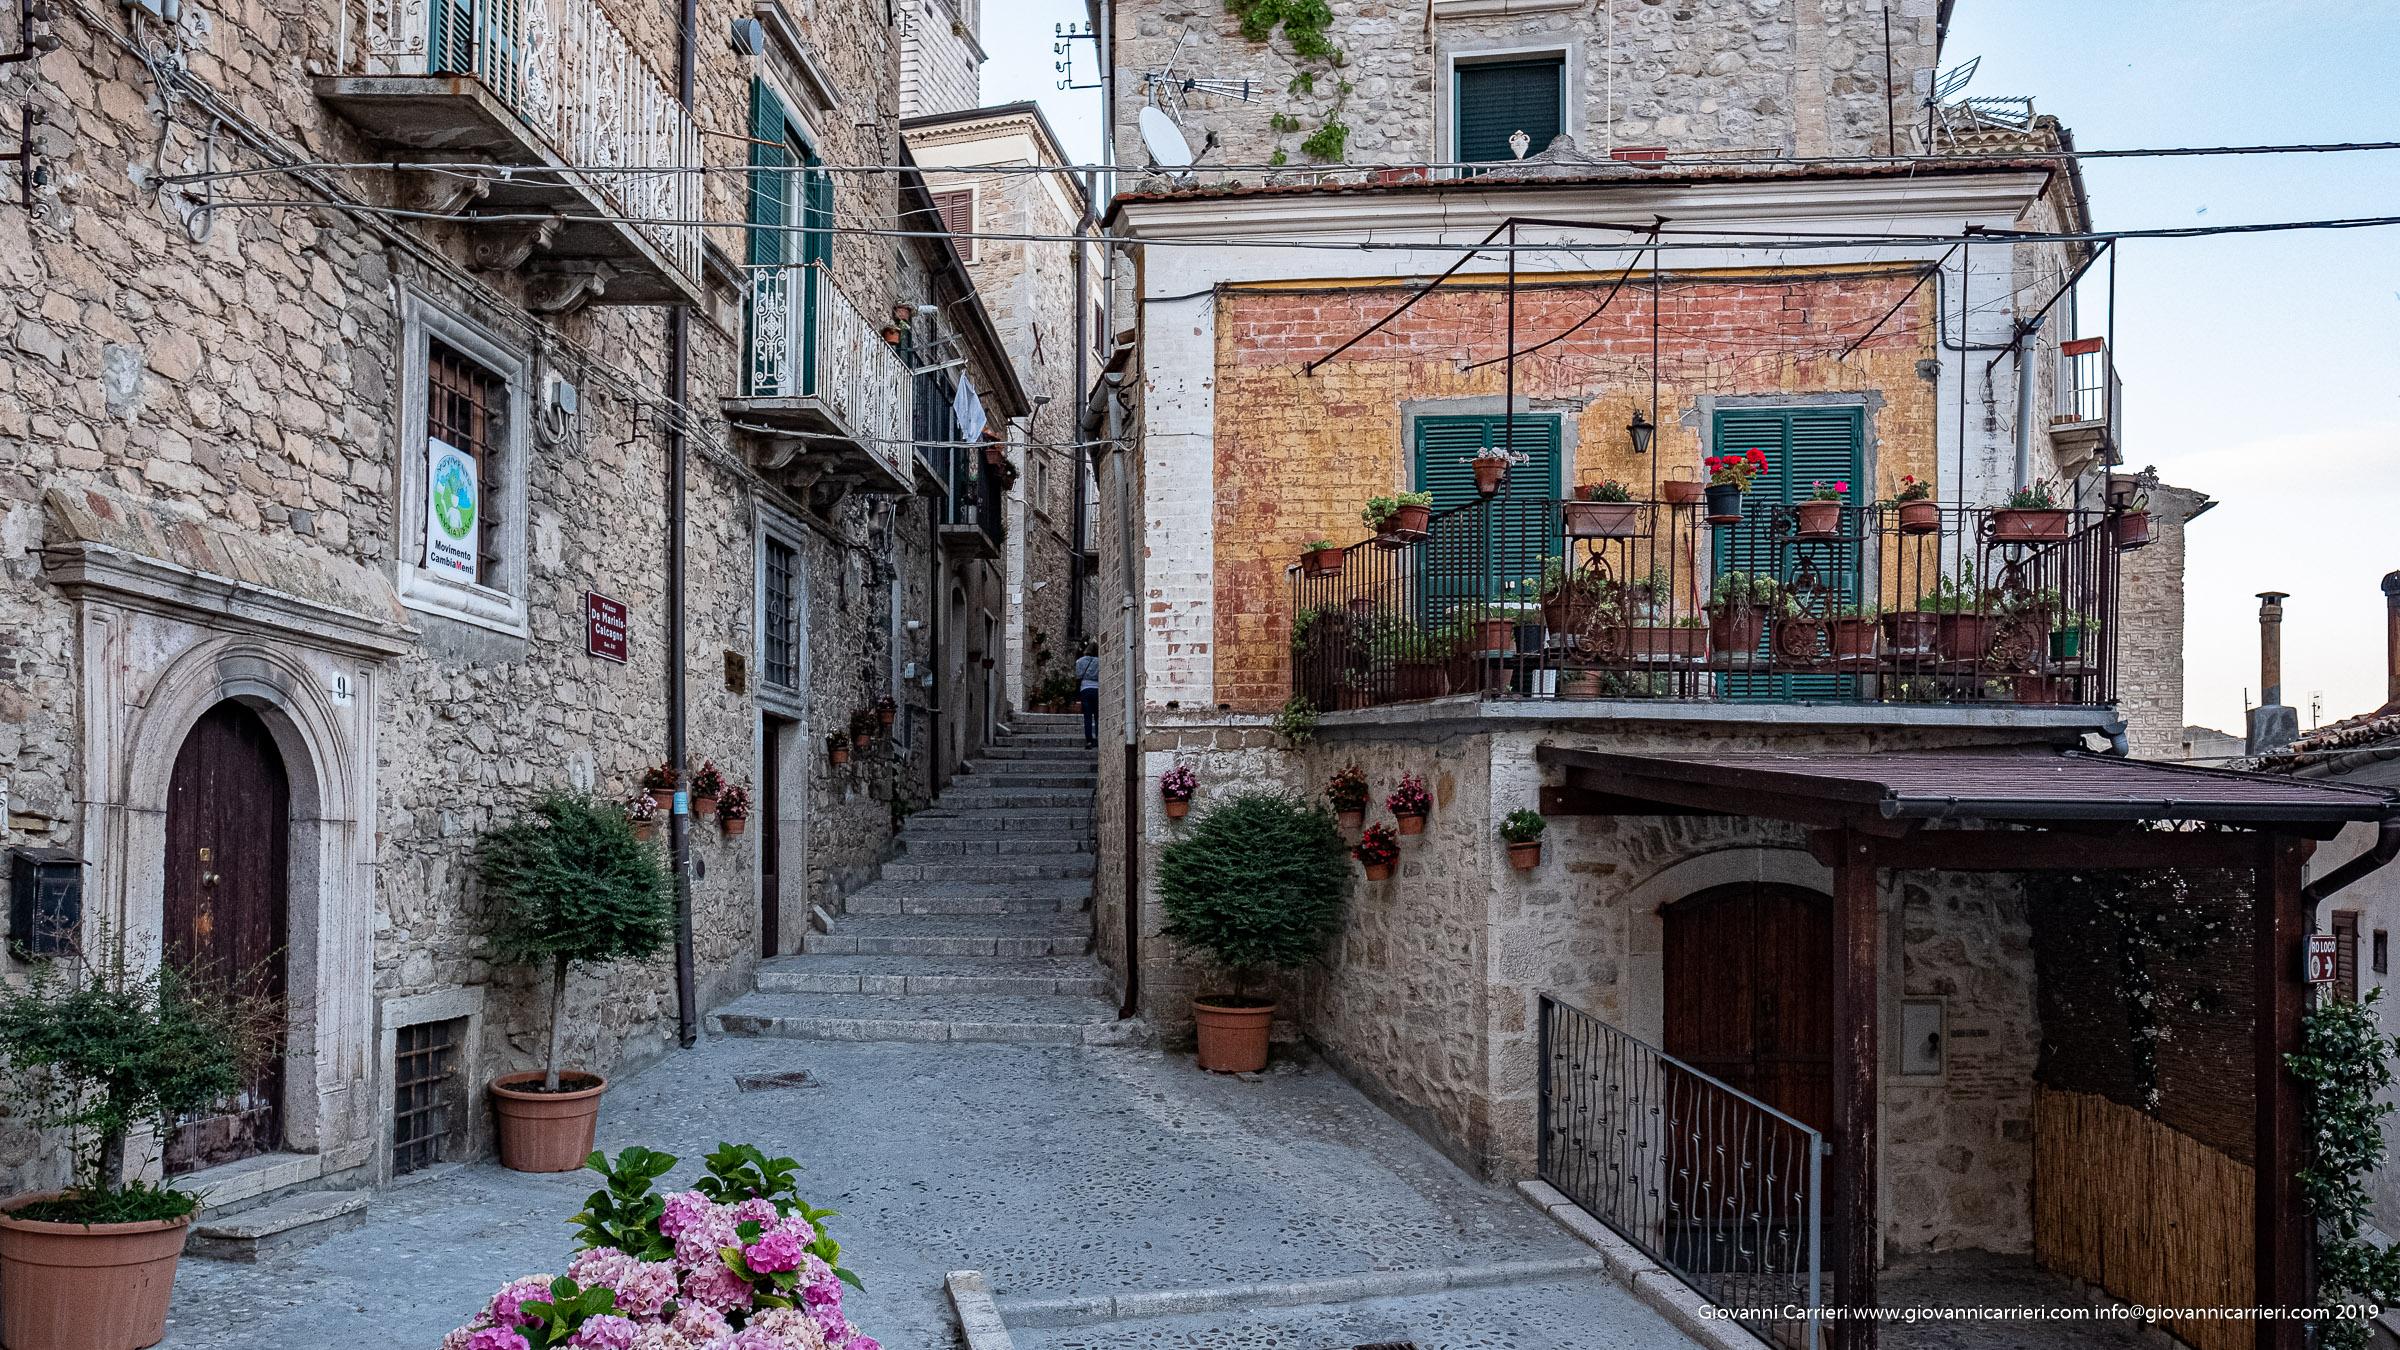 The ancient town of Sant'Agata di Puglia